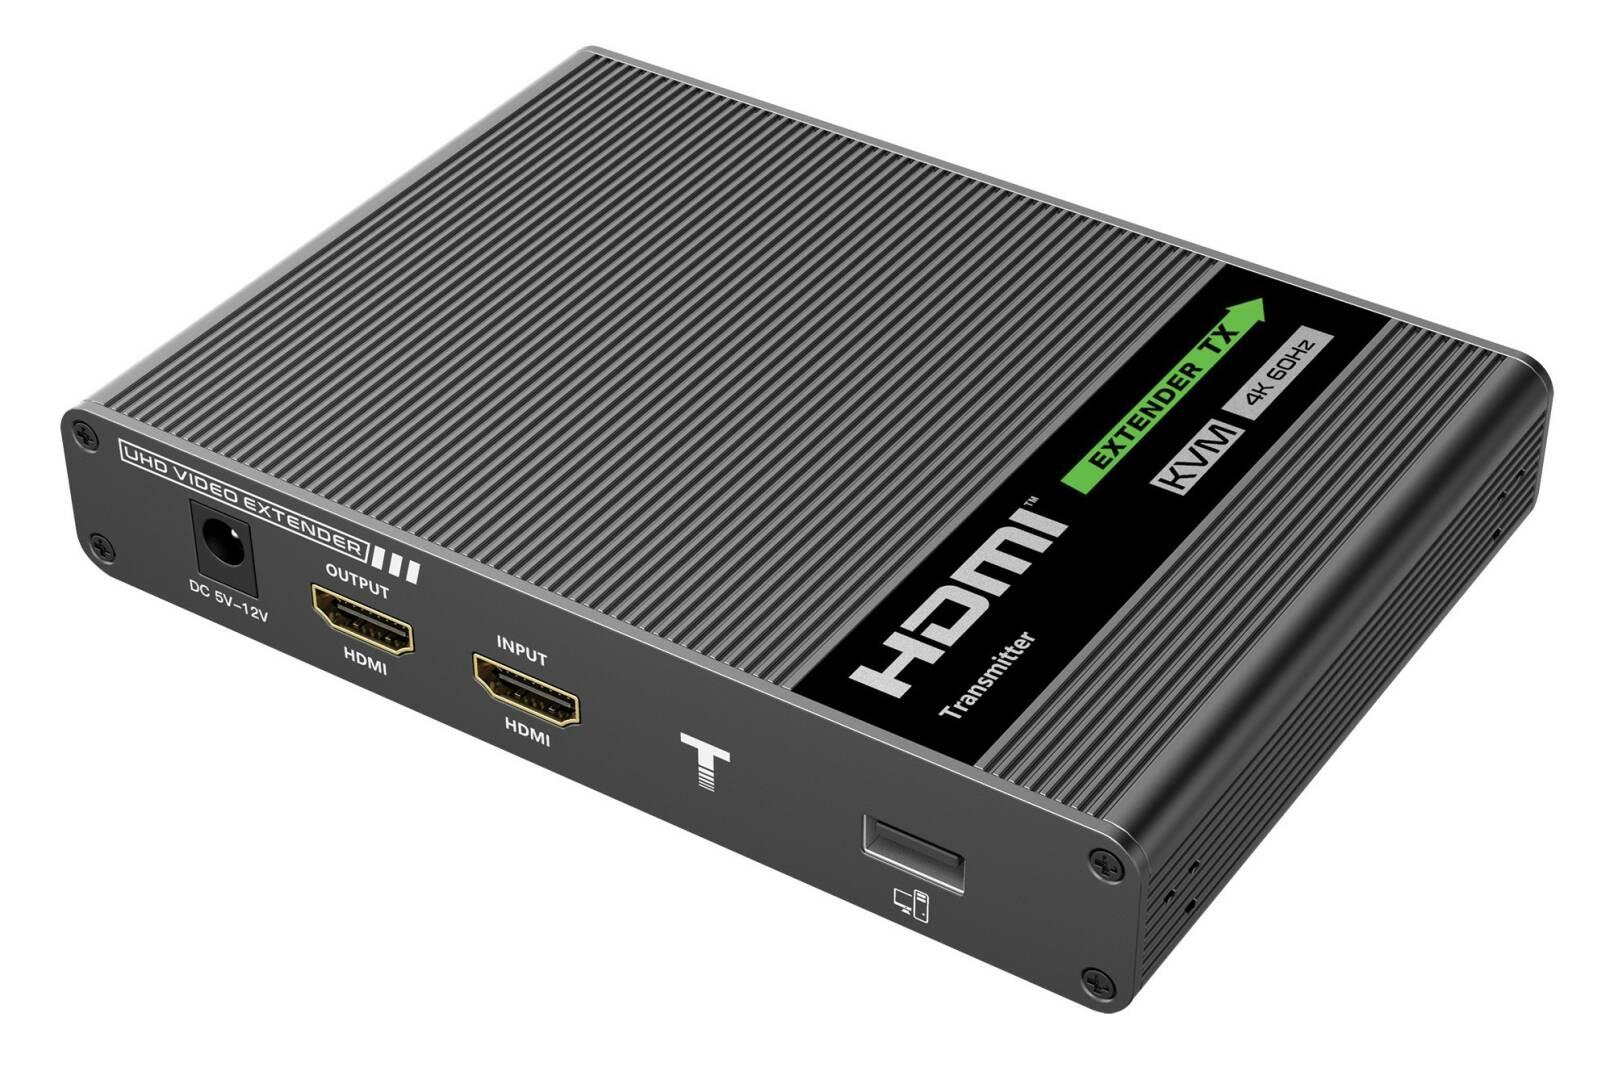 IDATA HDMI-KVM67